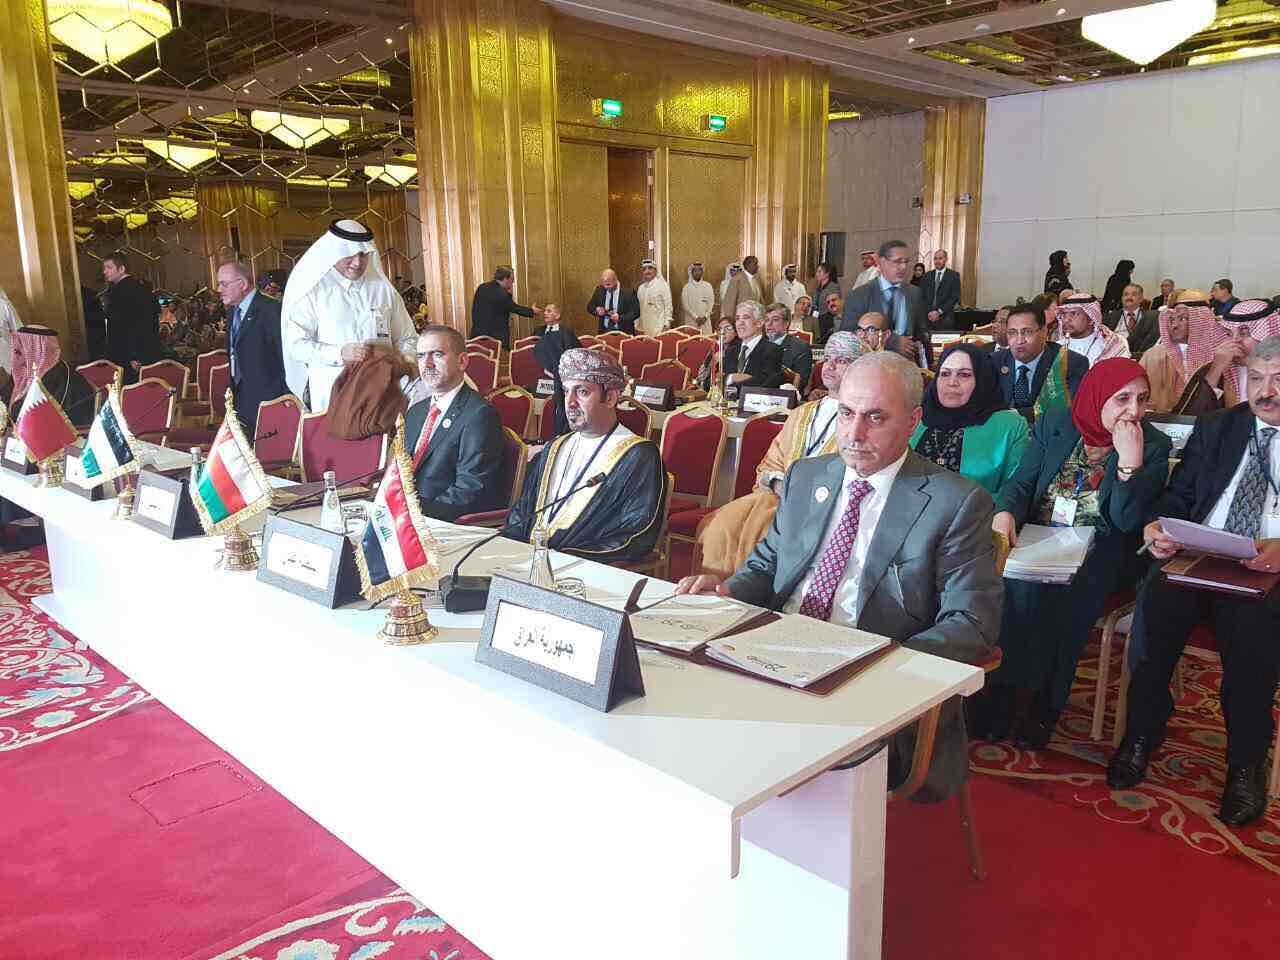 وزير التخطيط العراقي: ايرادات العراق النفطية انخفضت بنسبة 70%